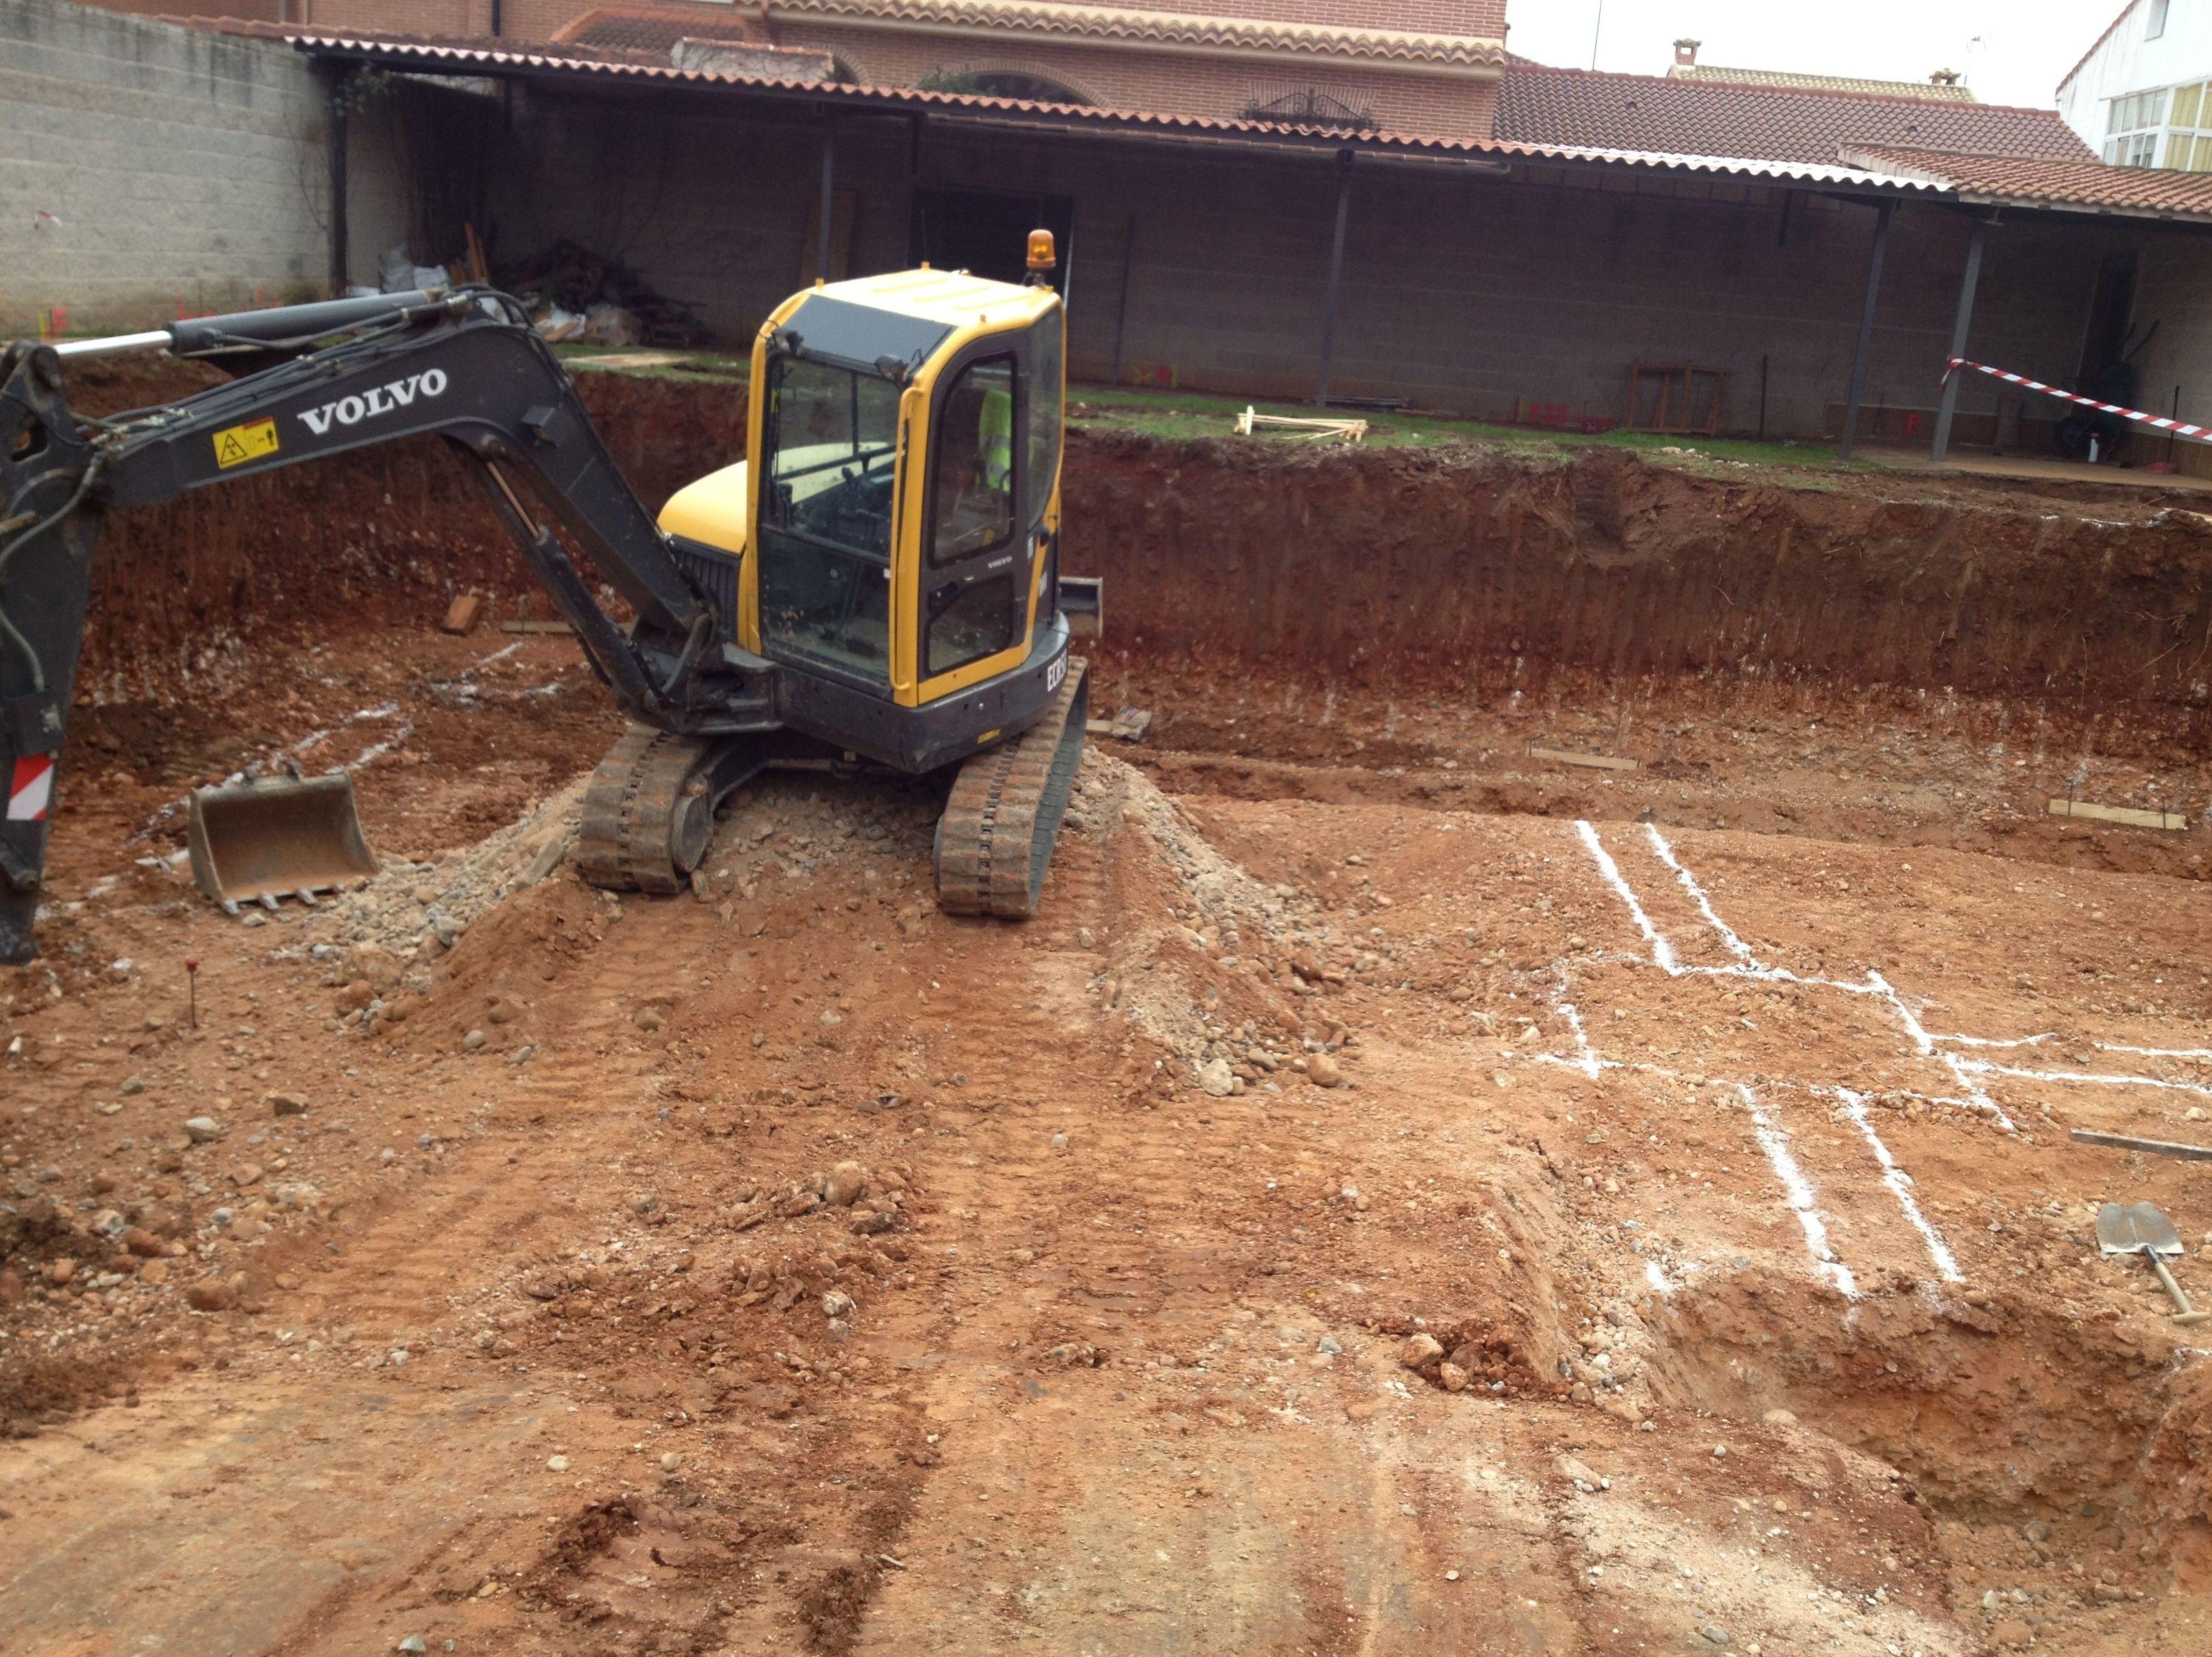 Foto 12 de Desmontes en Meco | Desmontes y Excavaciones Horche S.L.